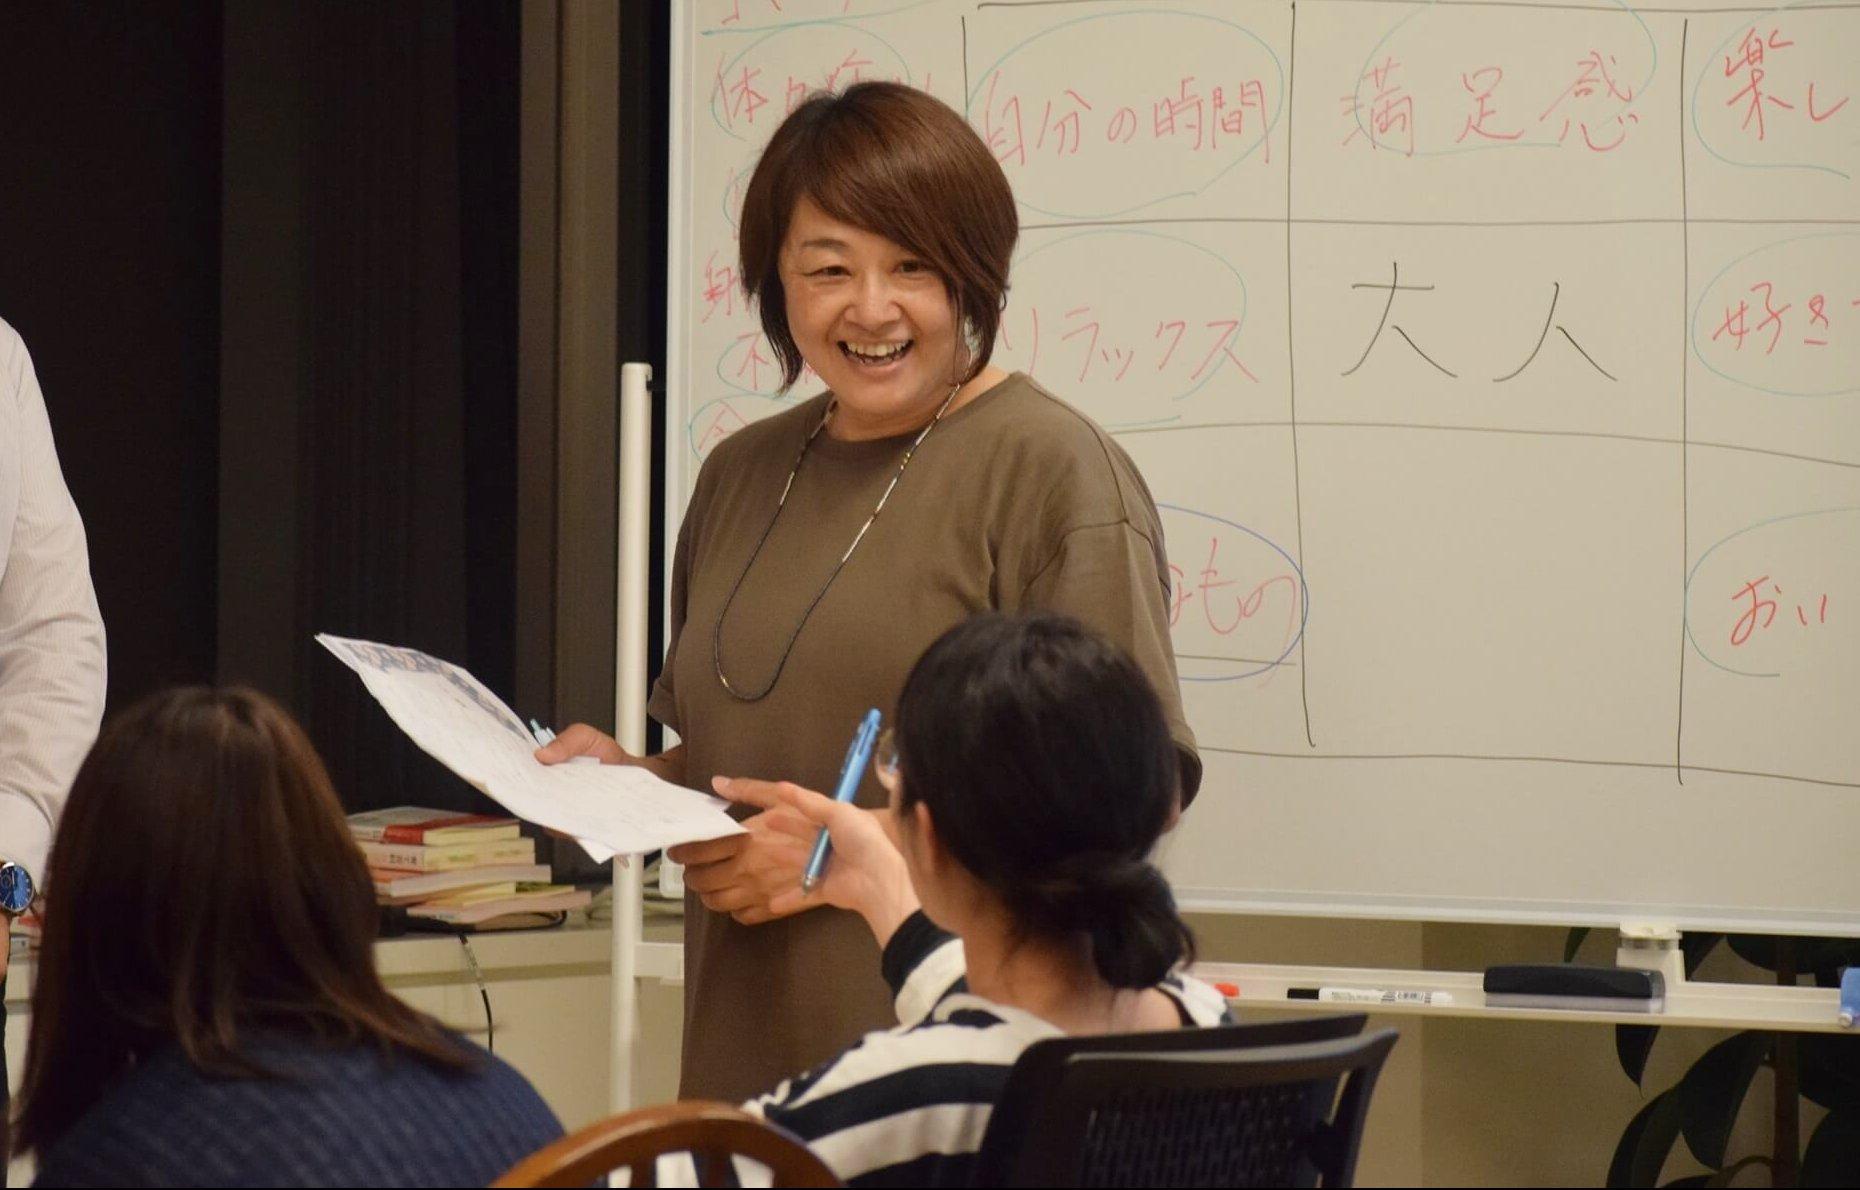 職員の発言を聴く古川施設長